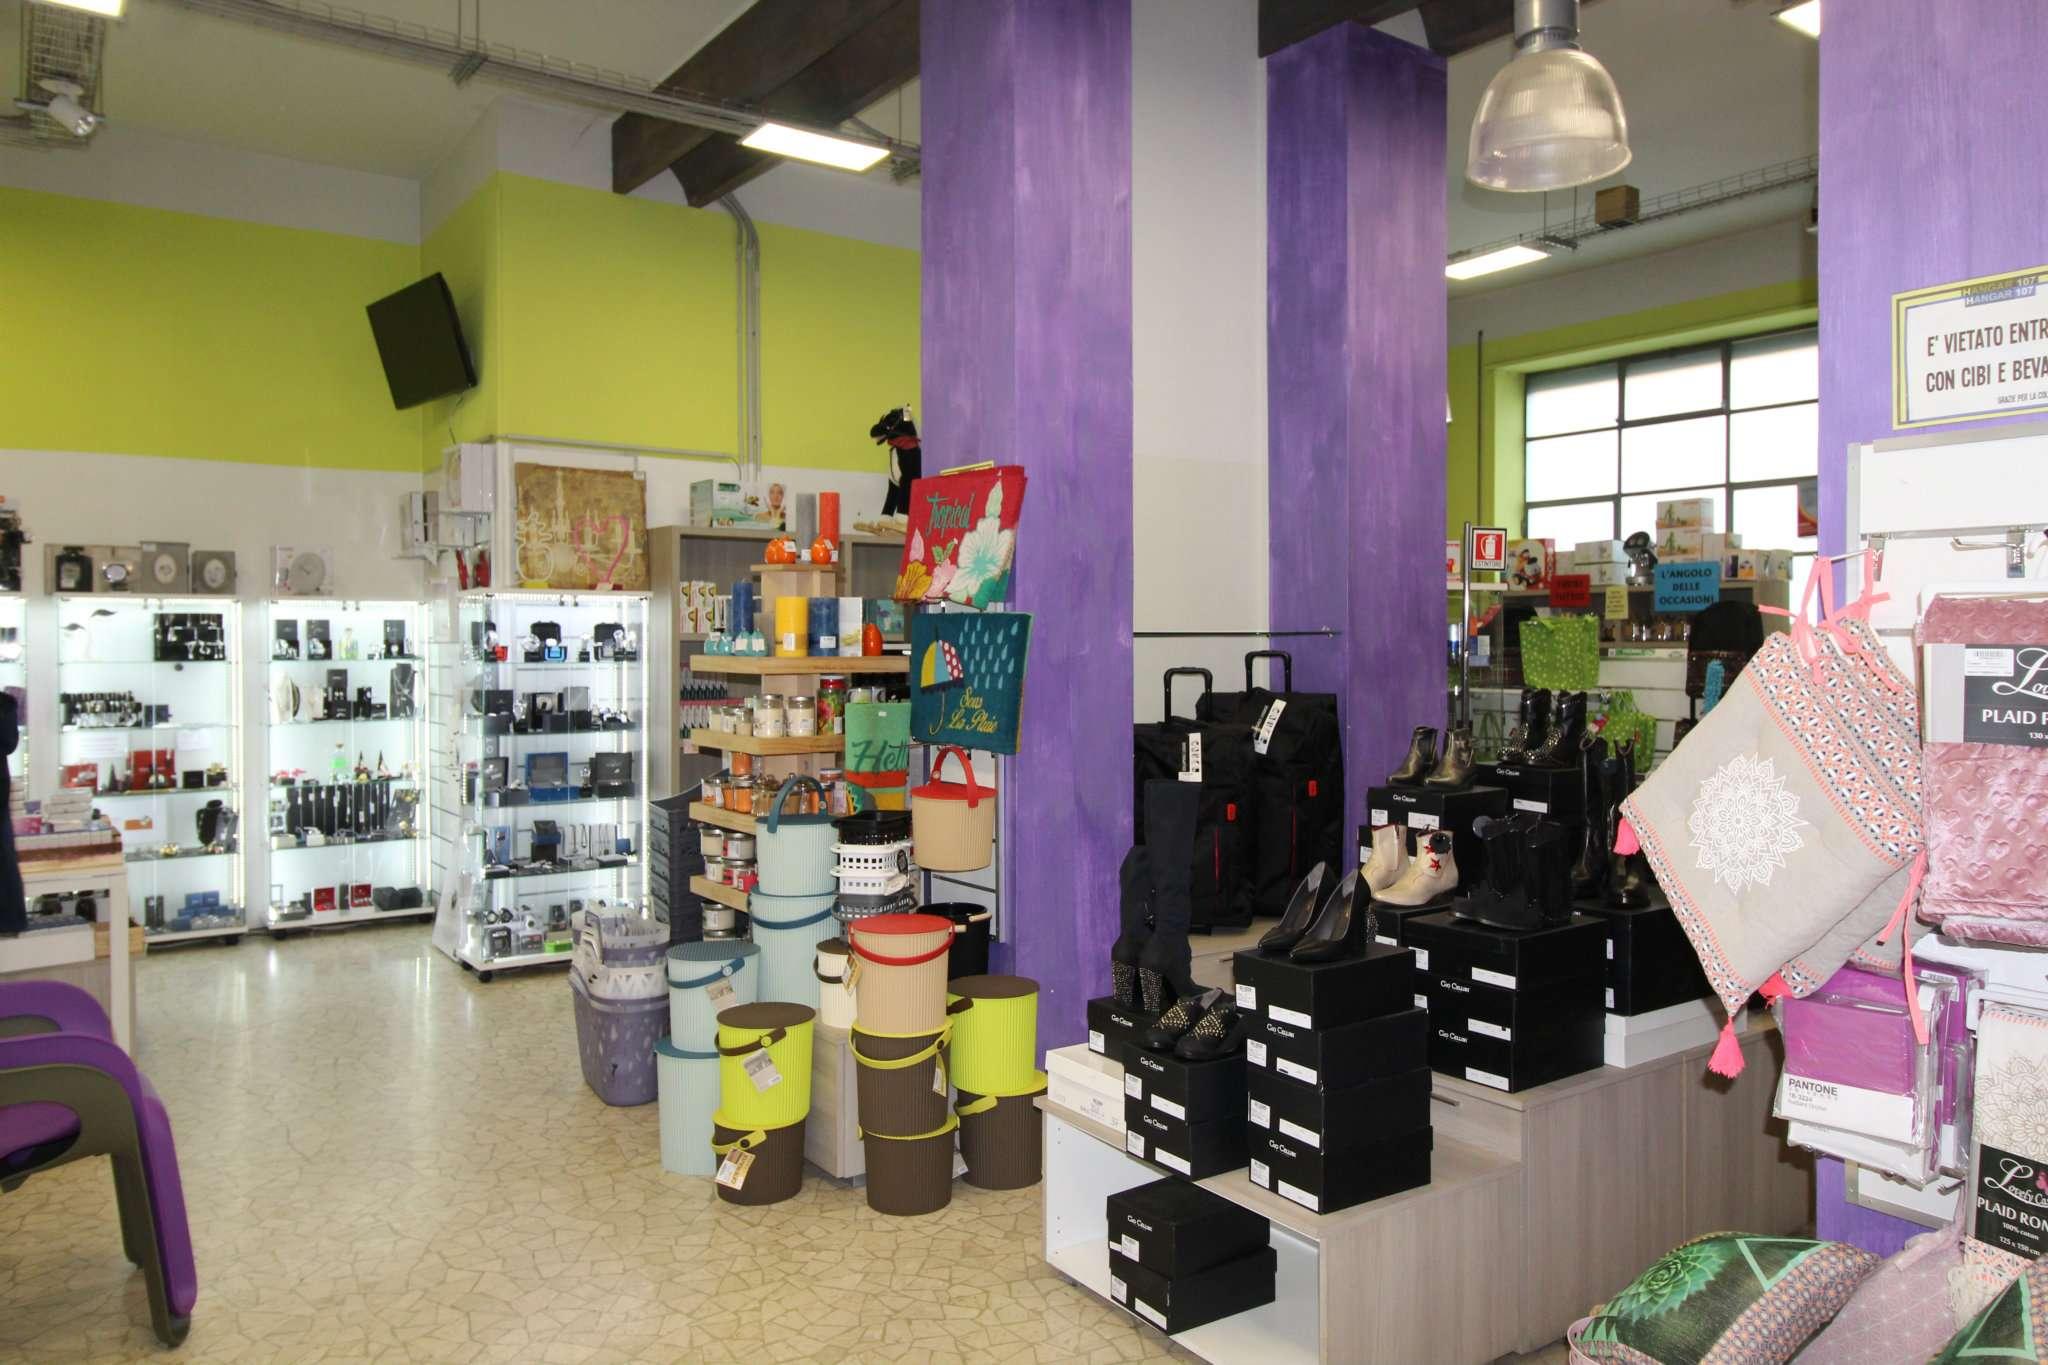 Negozio in vendita Zona Cit Turin, San Donato, Campidoglio - via Palmieri Torino